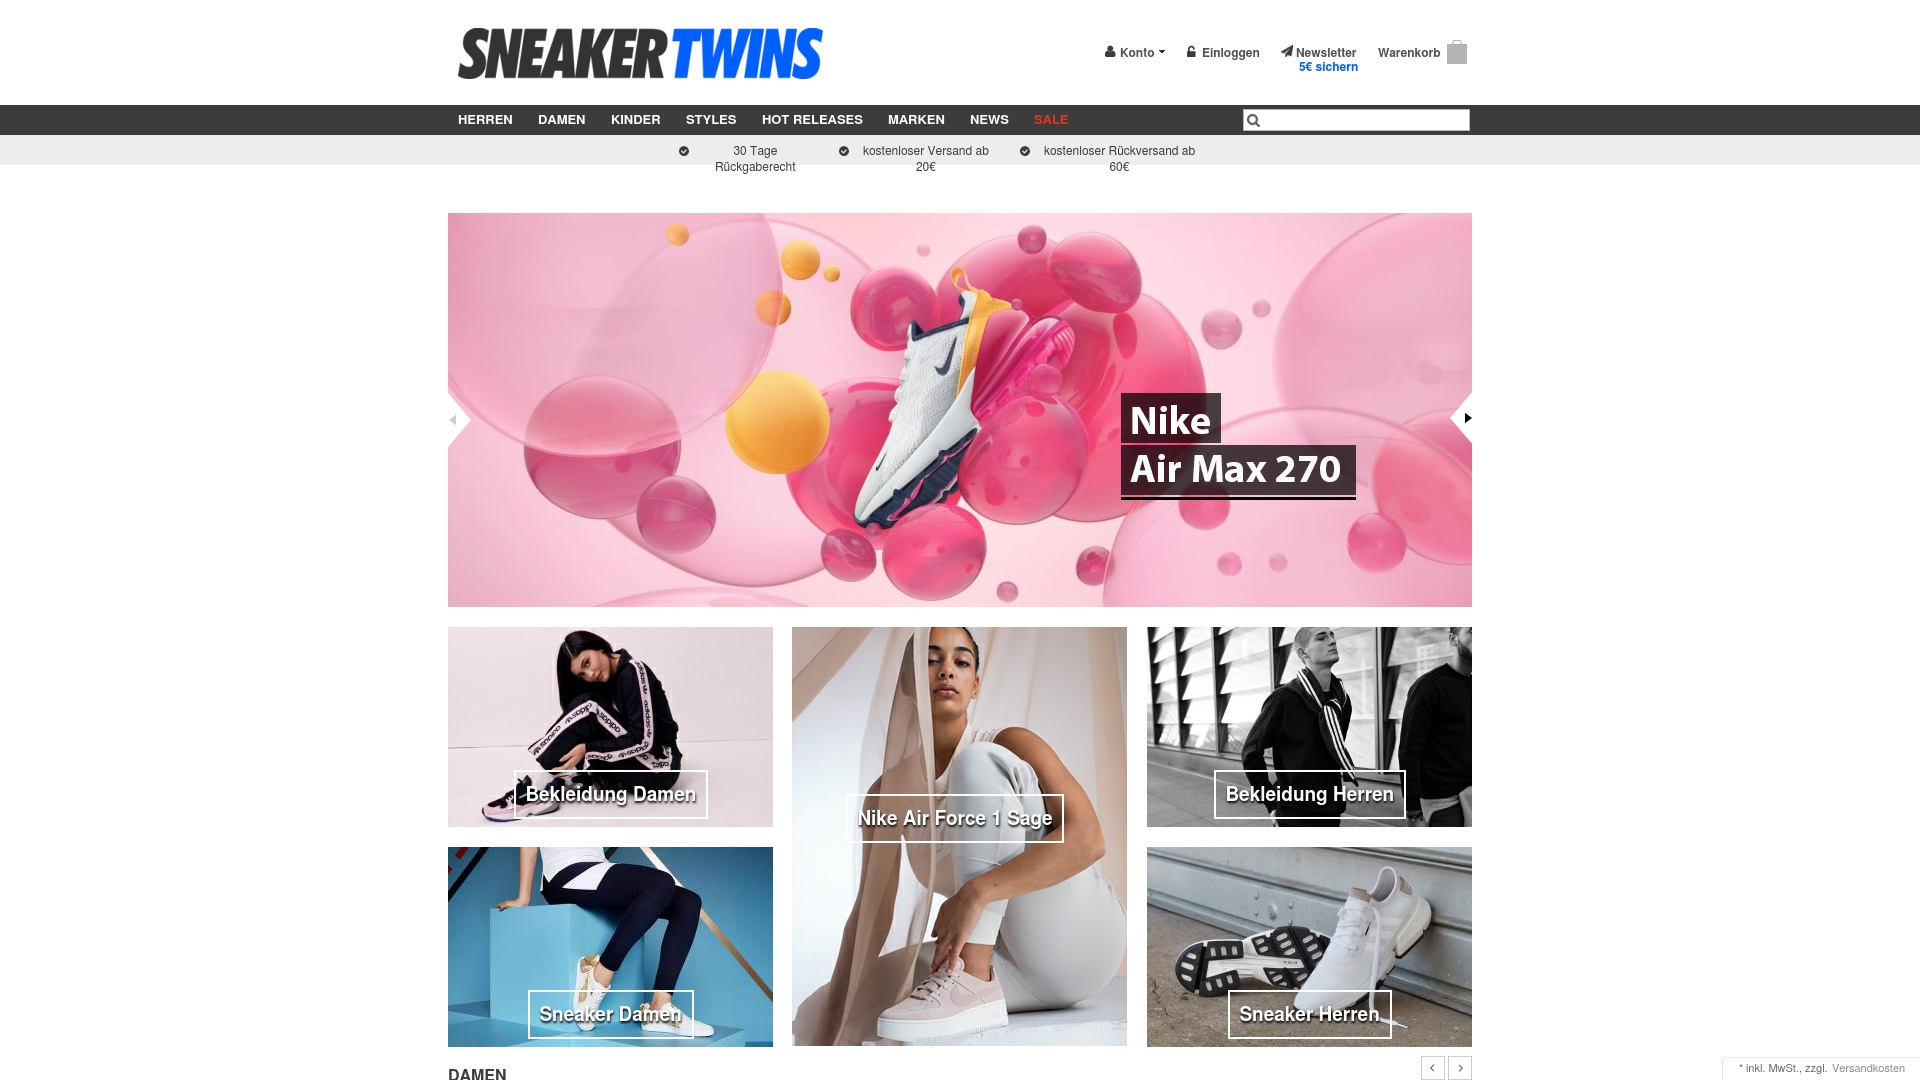 Gutschein für Sneakertwins: Rabatte für  Sneakertwins sichern